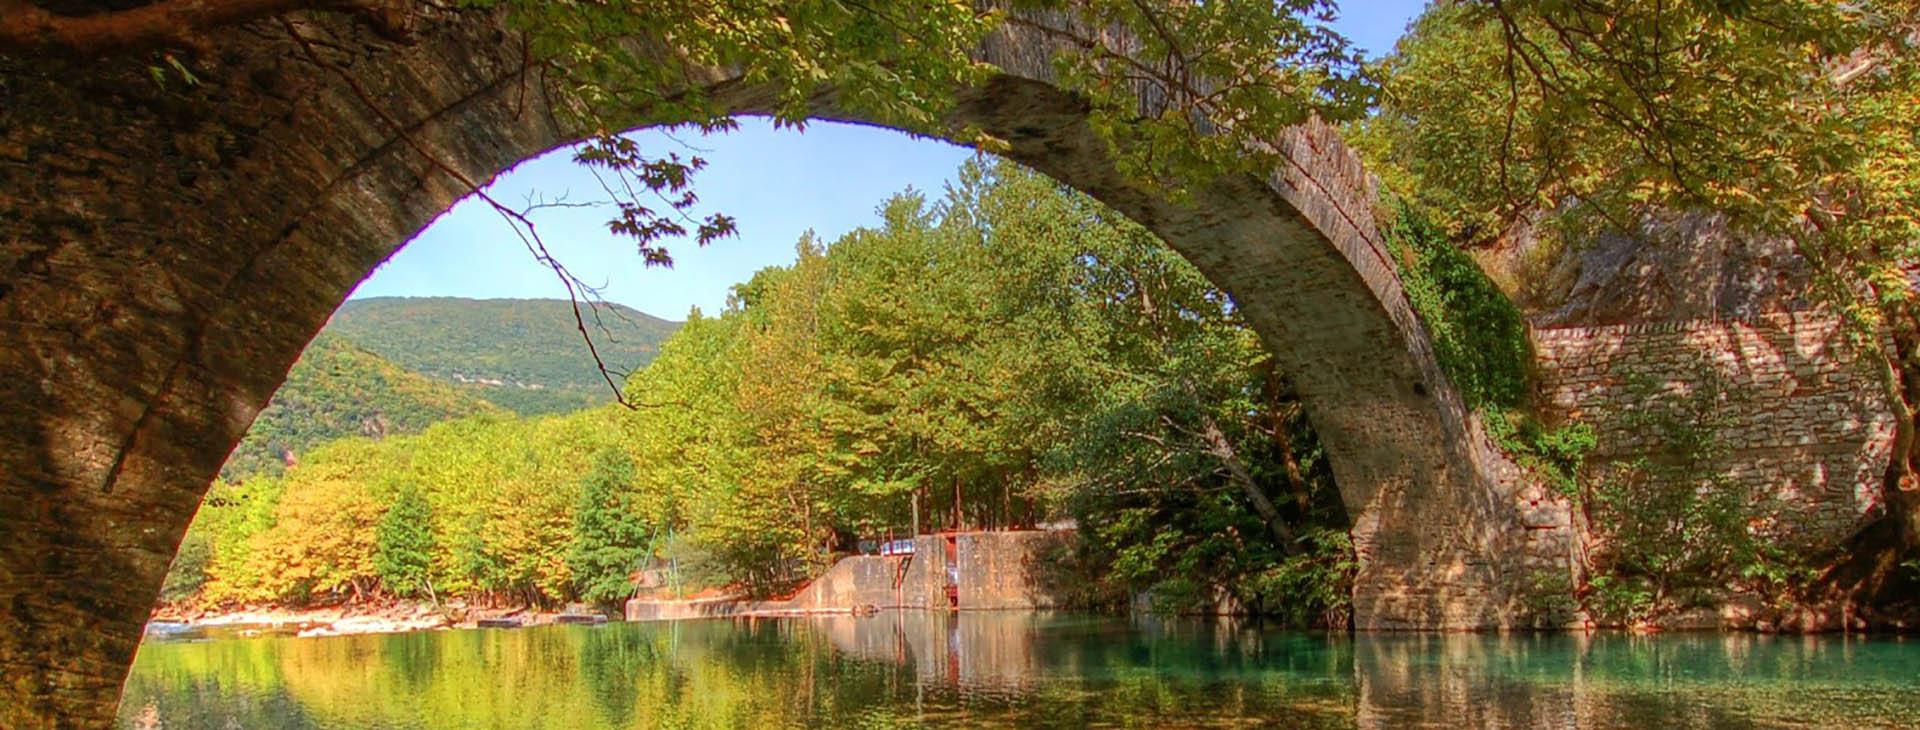 Klidonias bridge, Voidomatis river, Ioannina